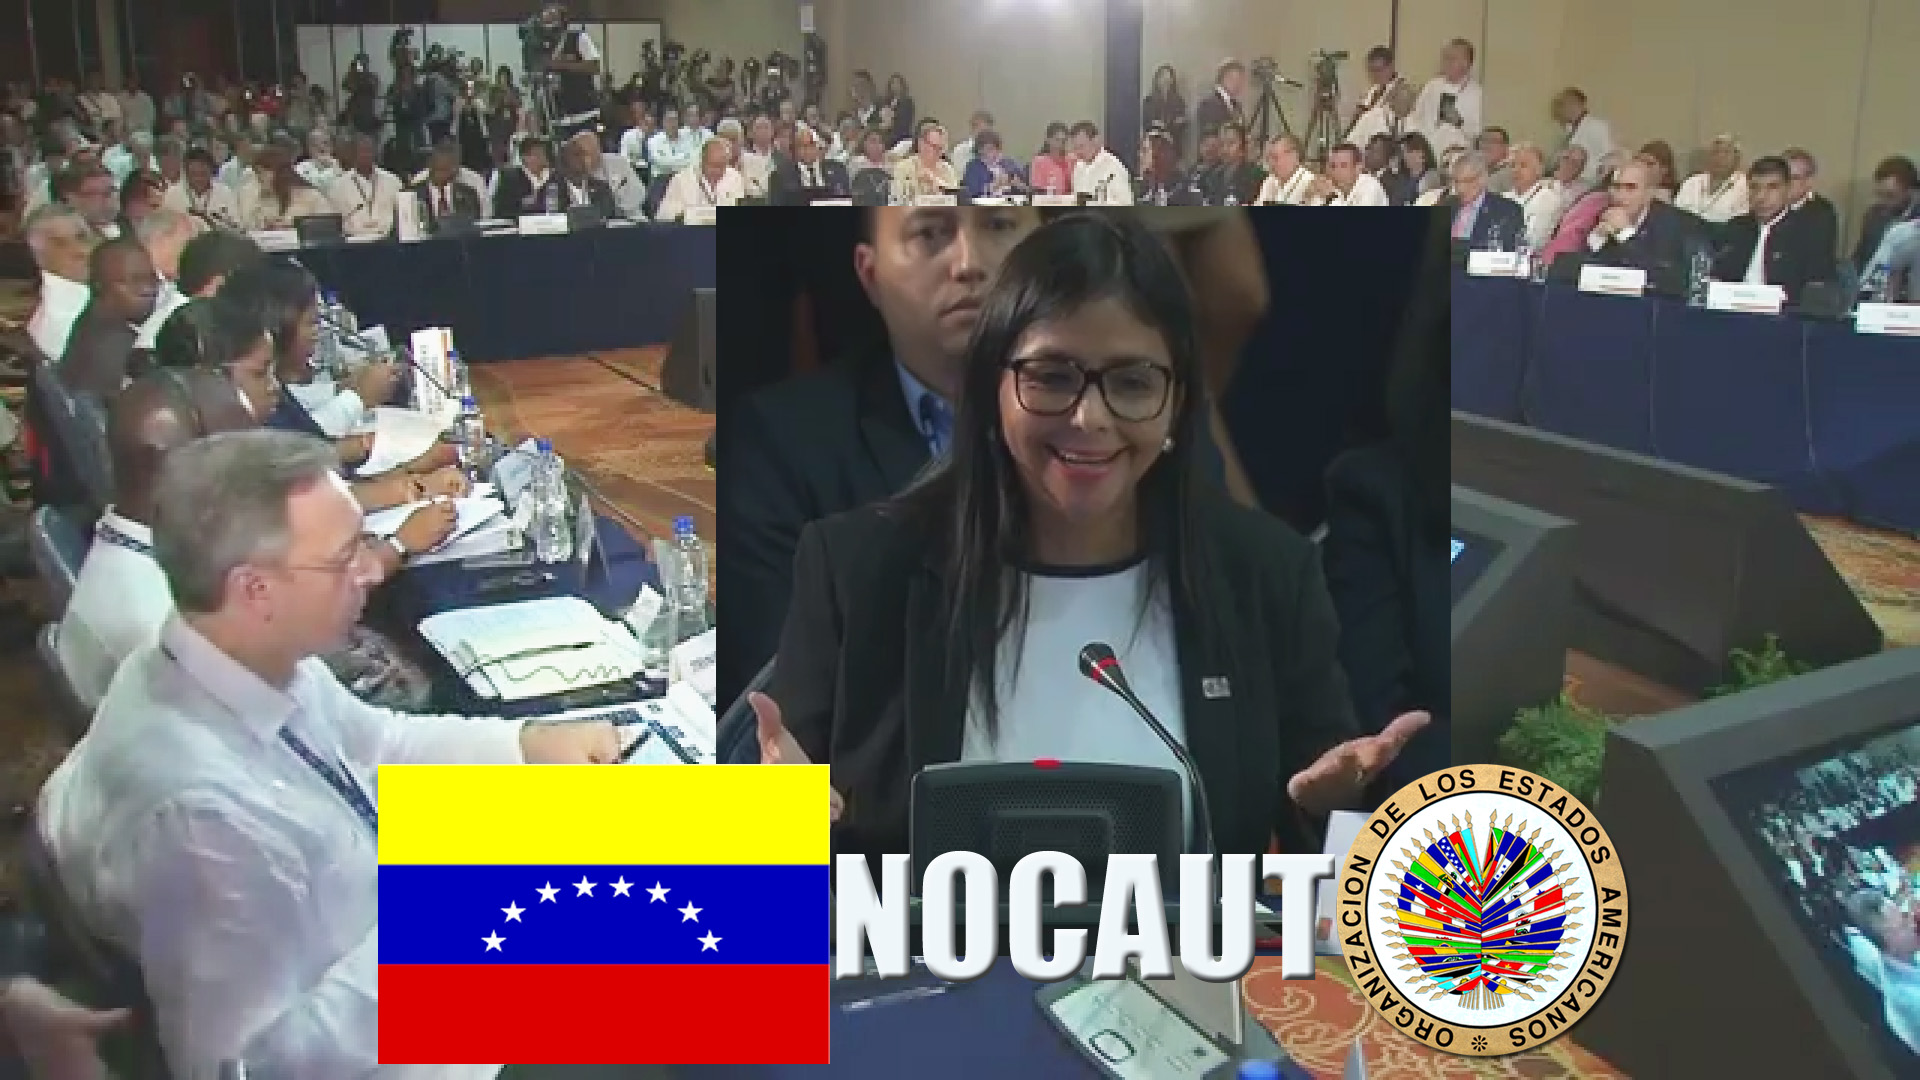 El NOCAUT de la canciller de Venezuela en la 47 Asamblea de la OEA en Cancún